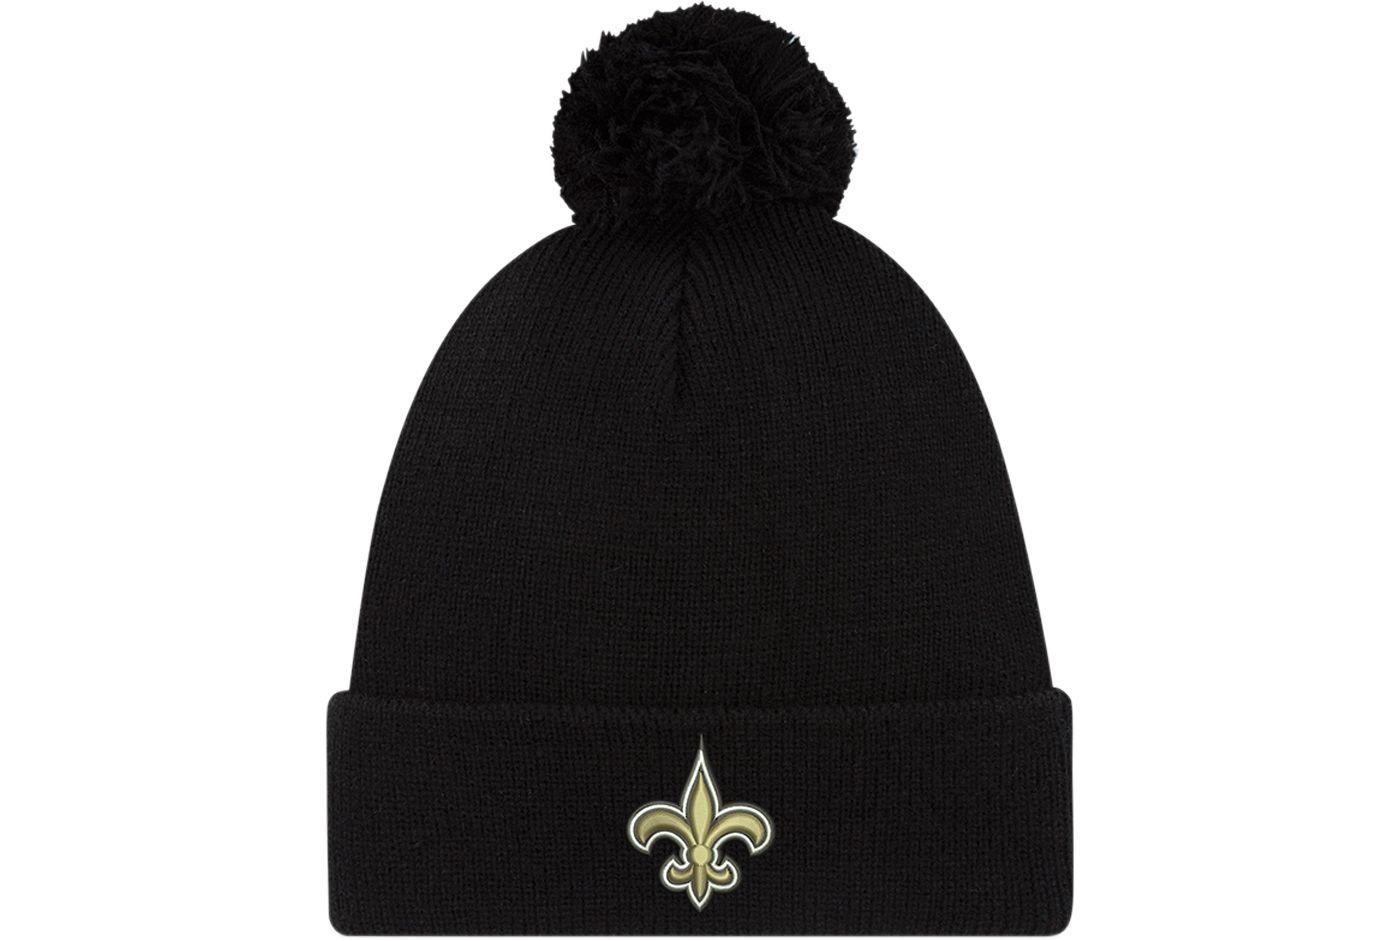 New Era Men's New Orleans Saints Black Cuffed Pom Top Knit